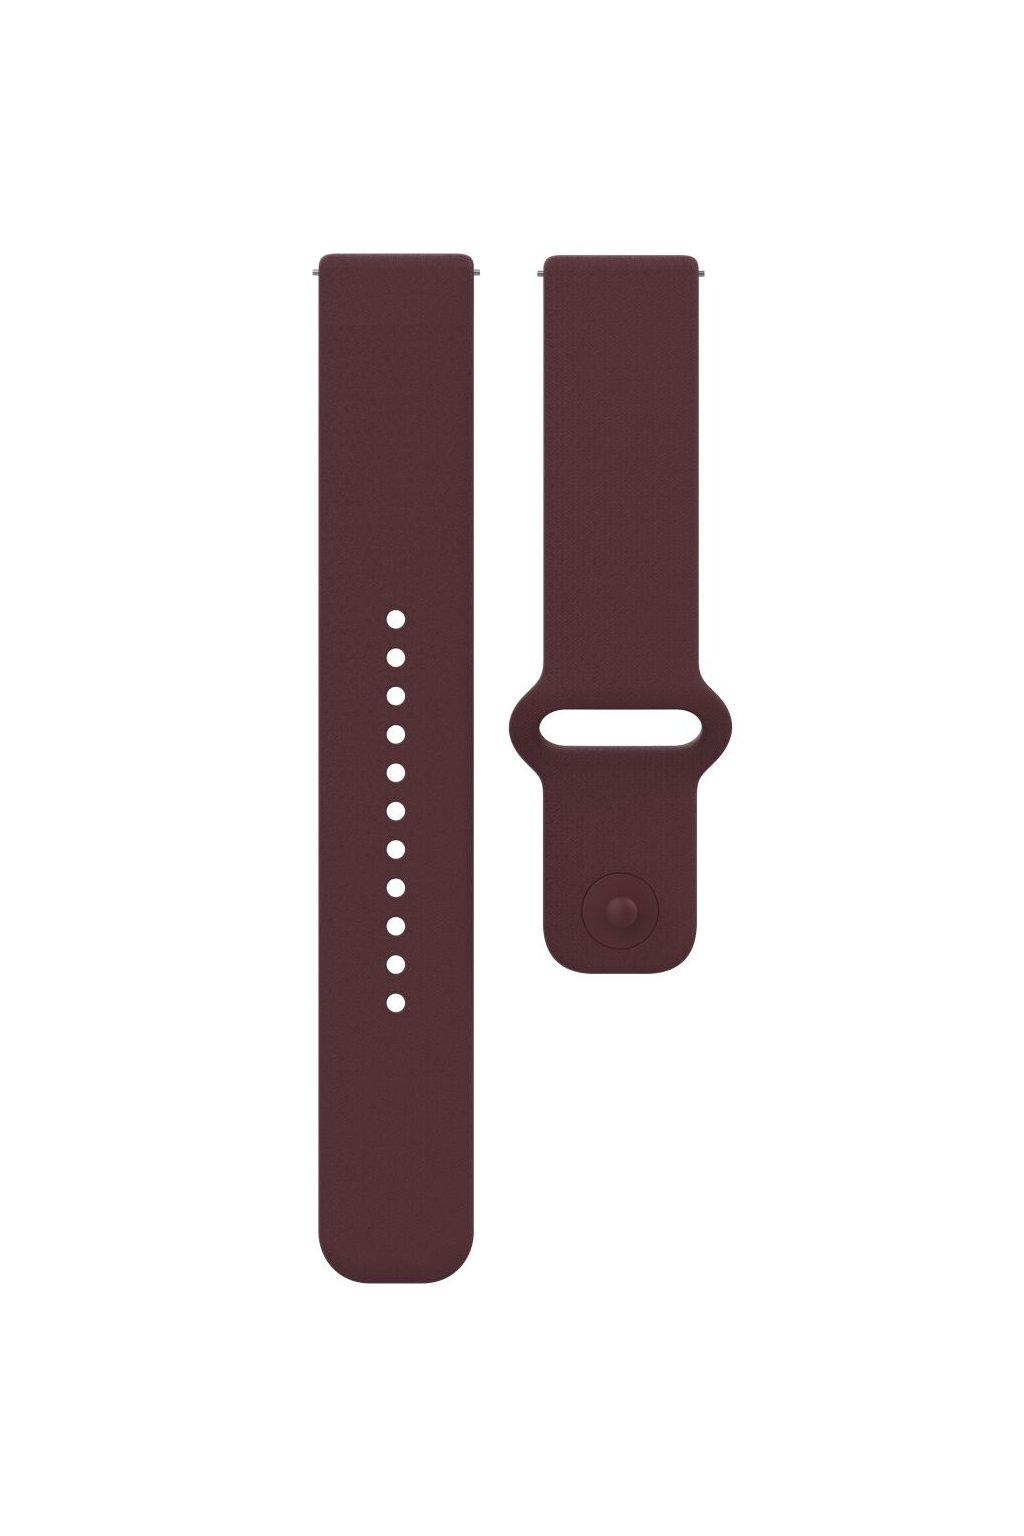 Polar Unite accessory silicone wristband purple